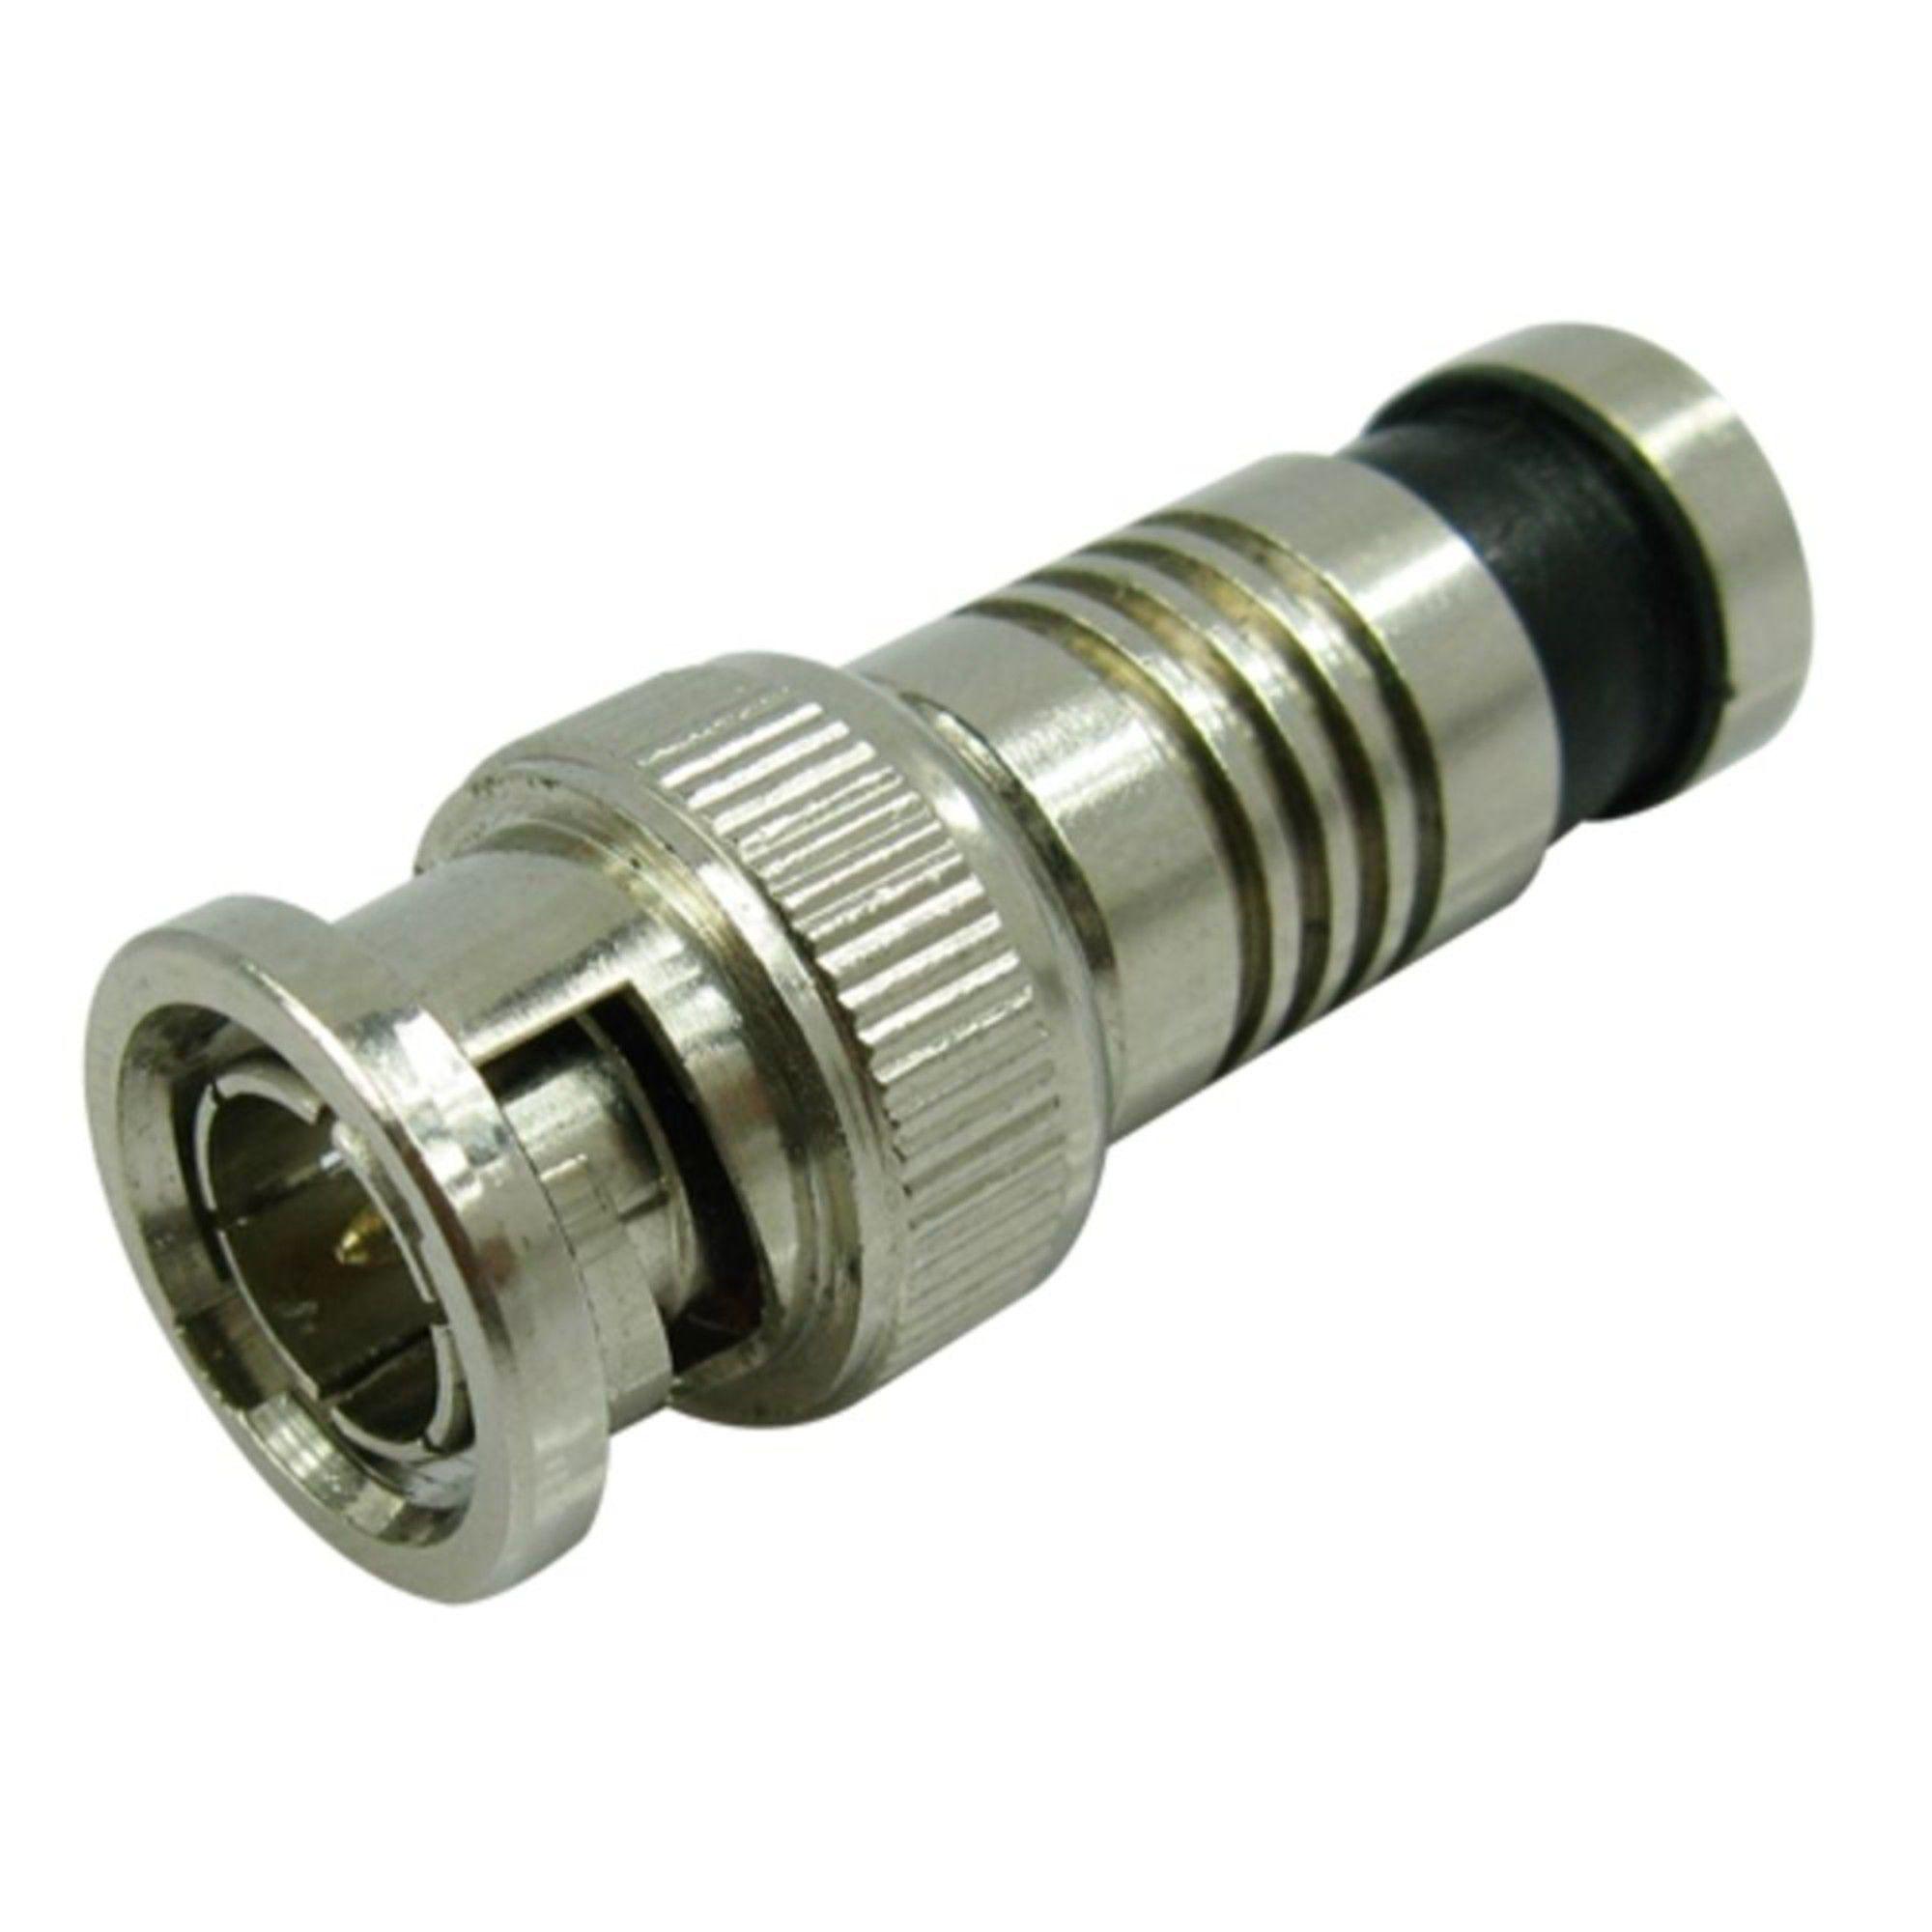 Conector BNC De Compressão RG6 - 5 Unidades